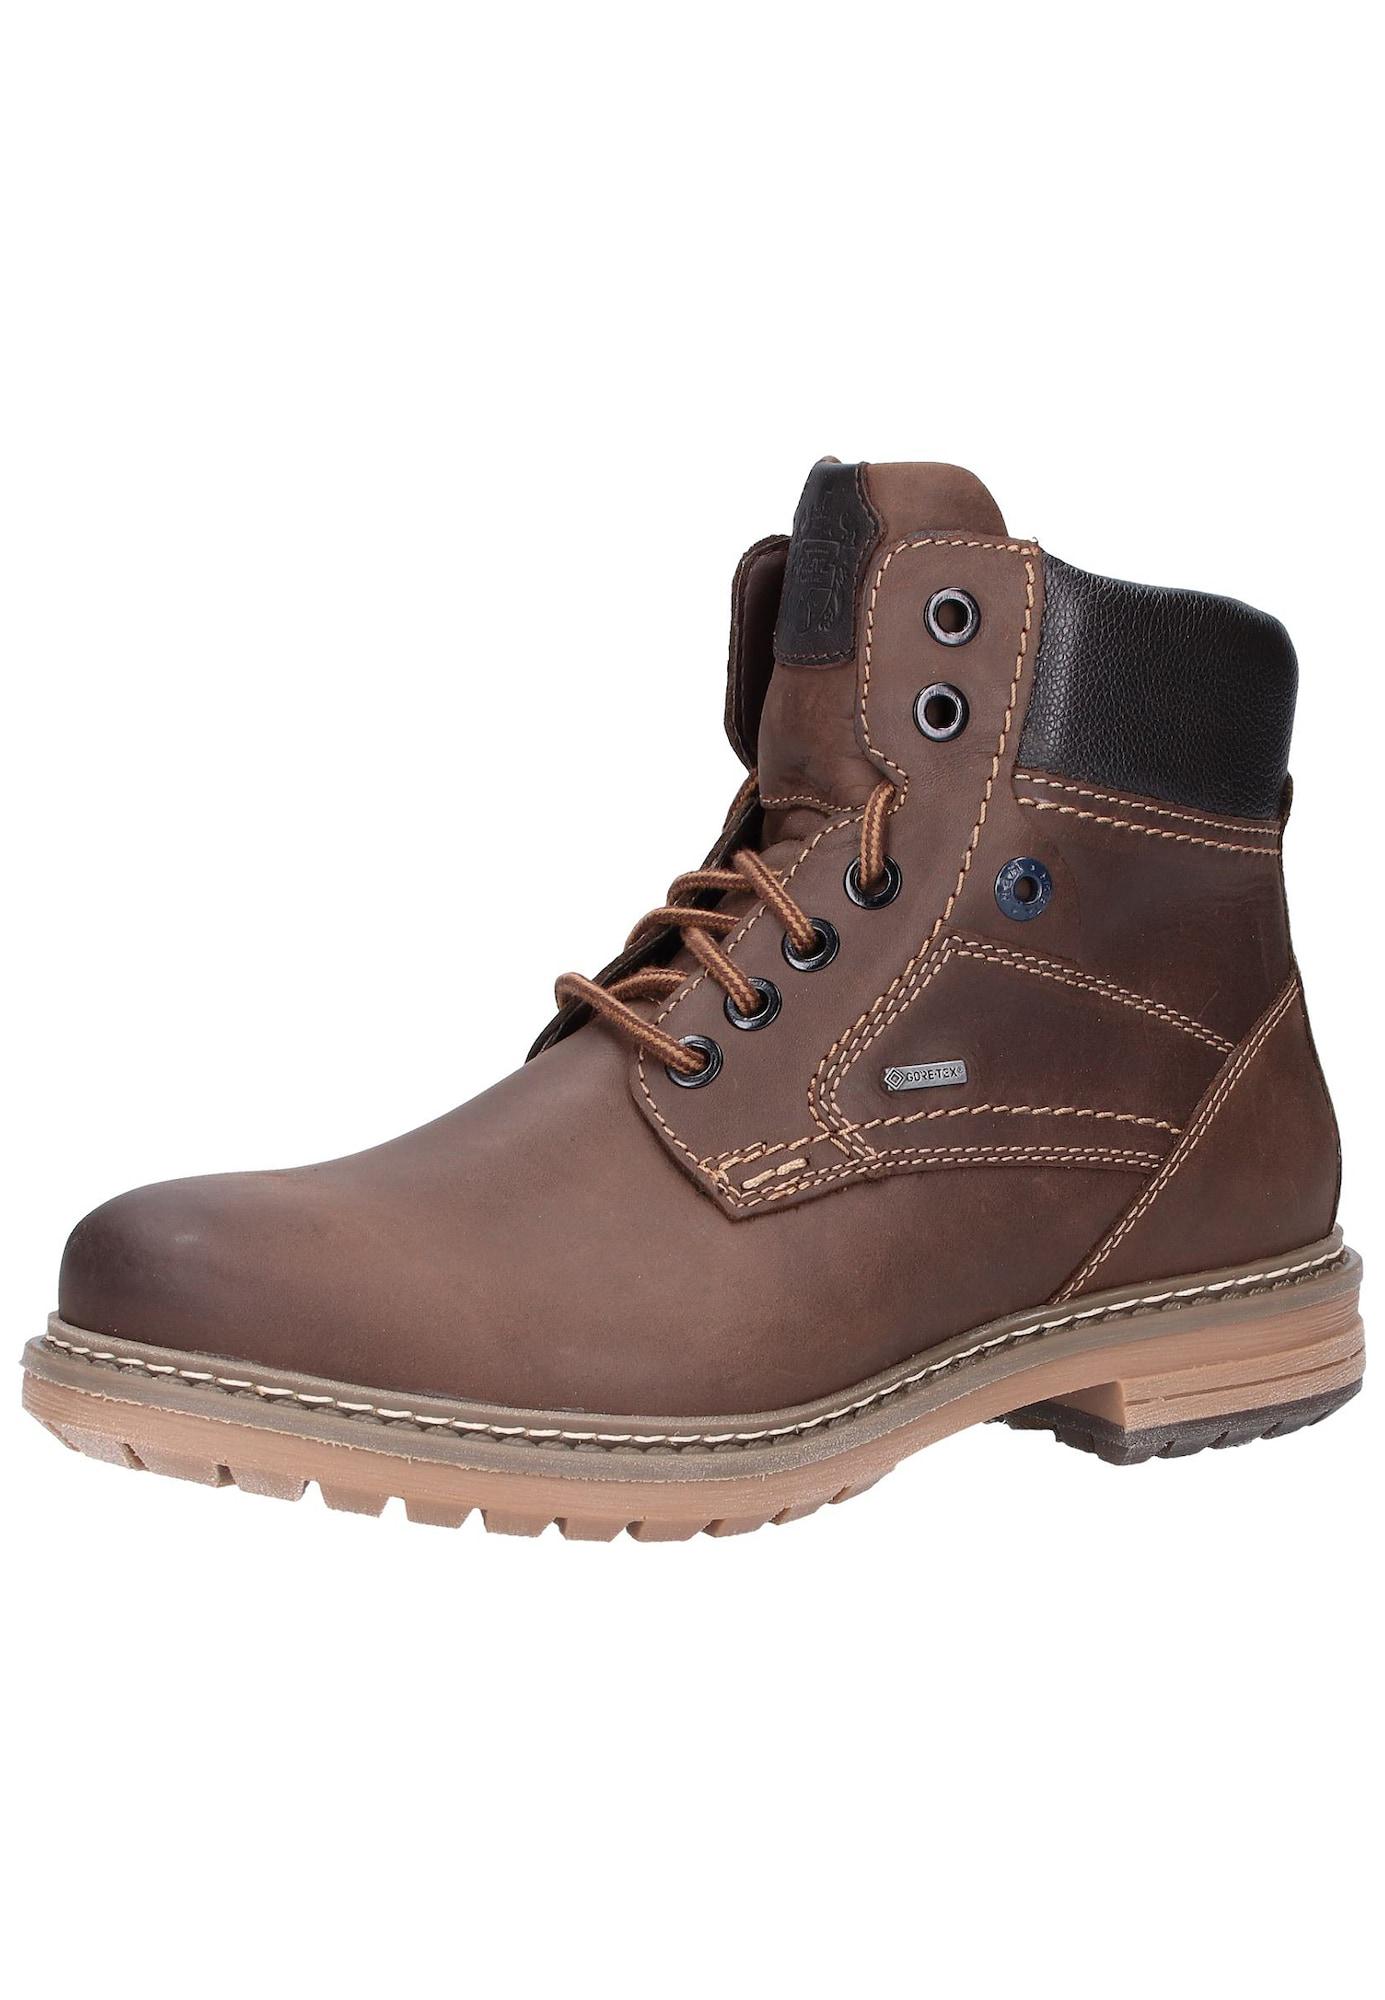 Schnürstiefel   Schuhe > Boots > Stiefel   FRETZ MEN